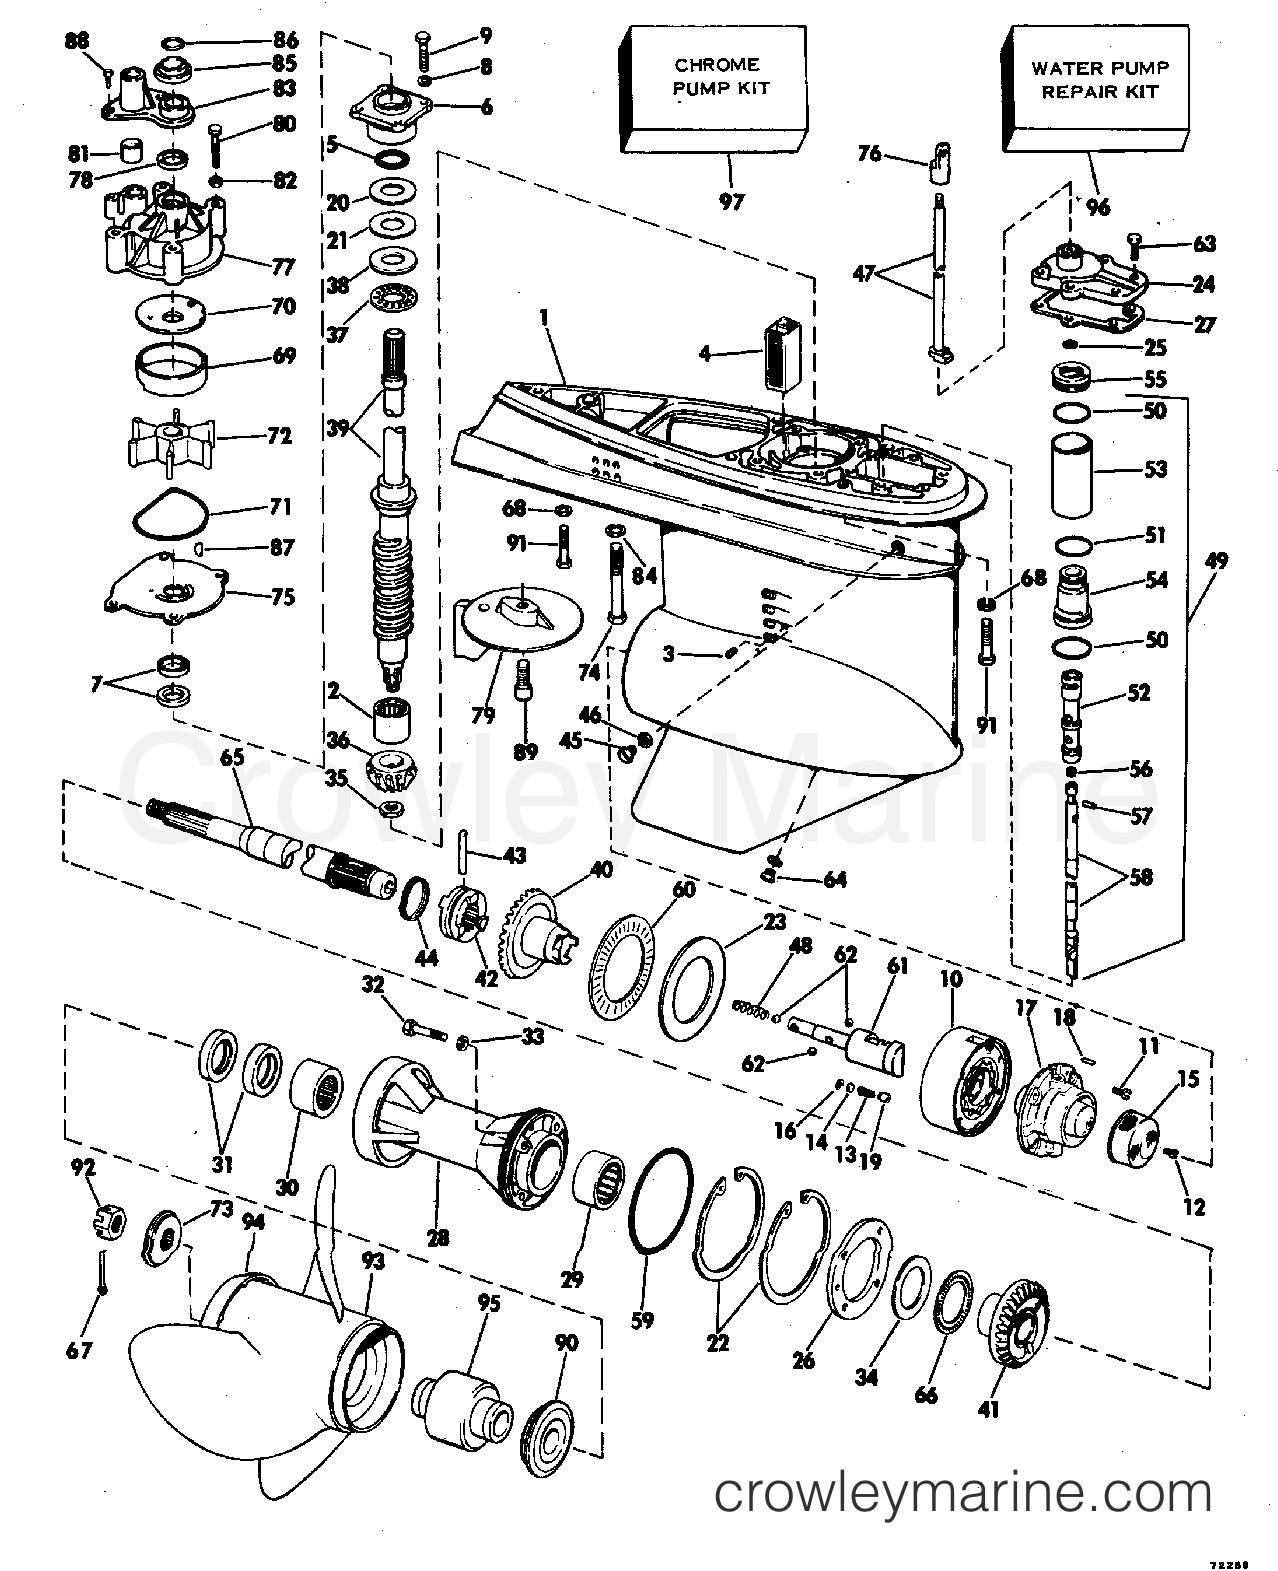 GEARCASE - 1977 Evinrude Outboards 140 140743S | Crowley ...